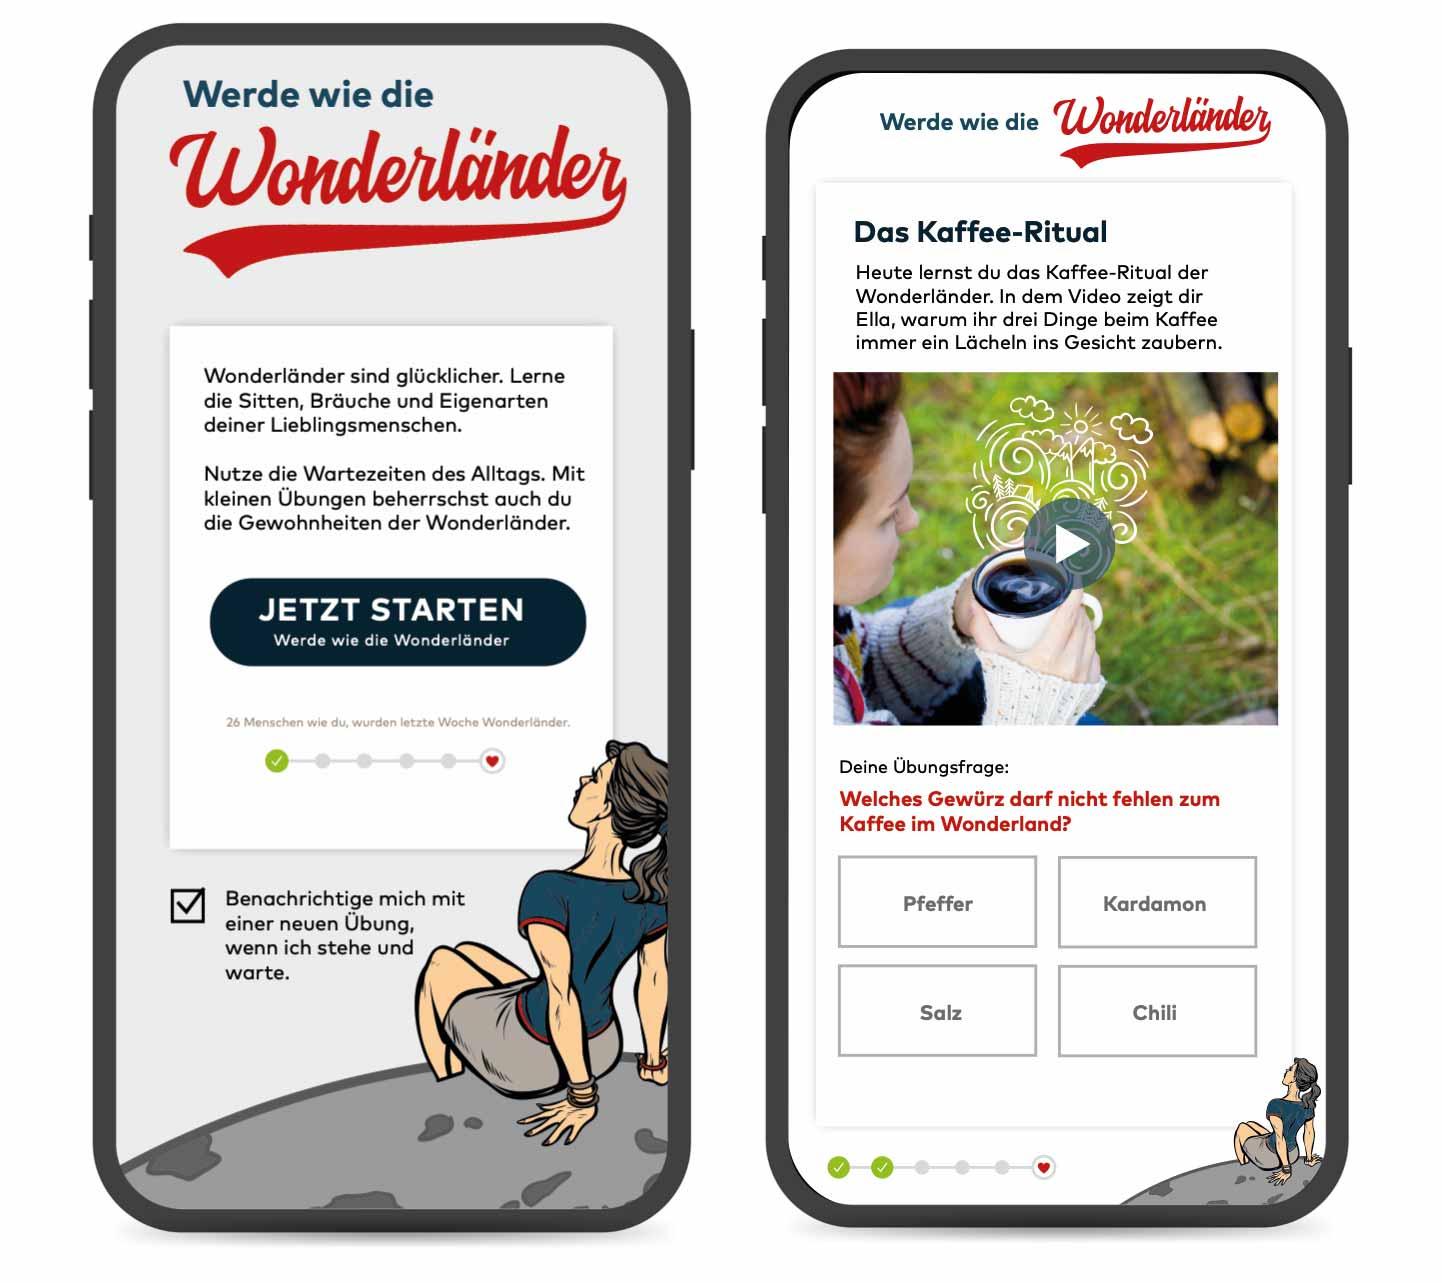 Quizzes und Gamification von Chatbots, Messenger und Sprachassistenten im Tourismus